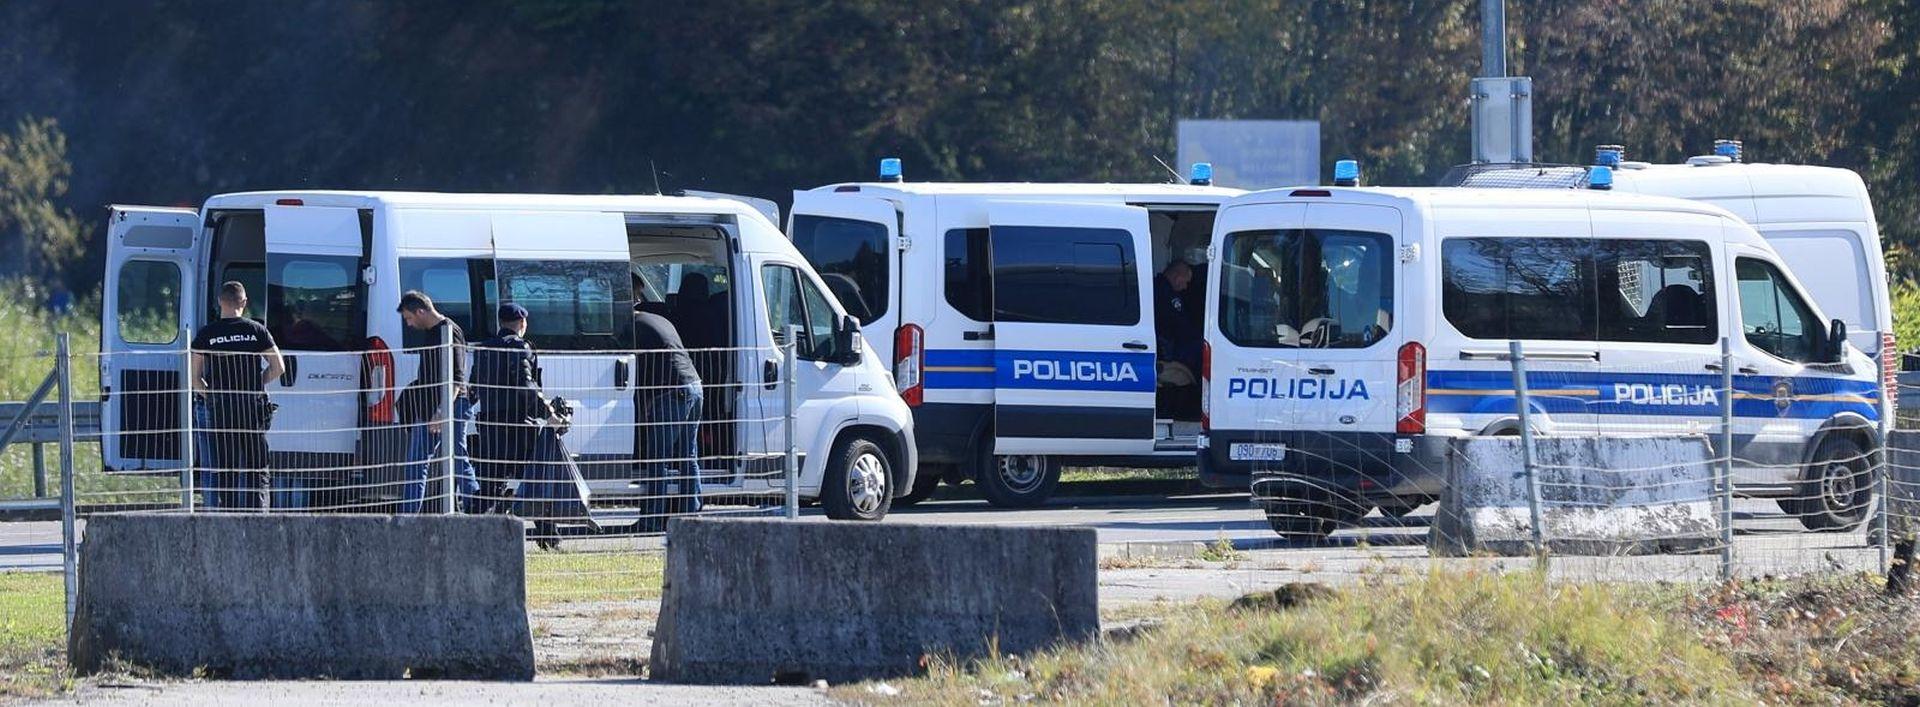 Maljevac i dalje zatvoren, na prijelazu brojni policajci